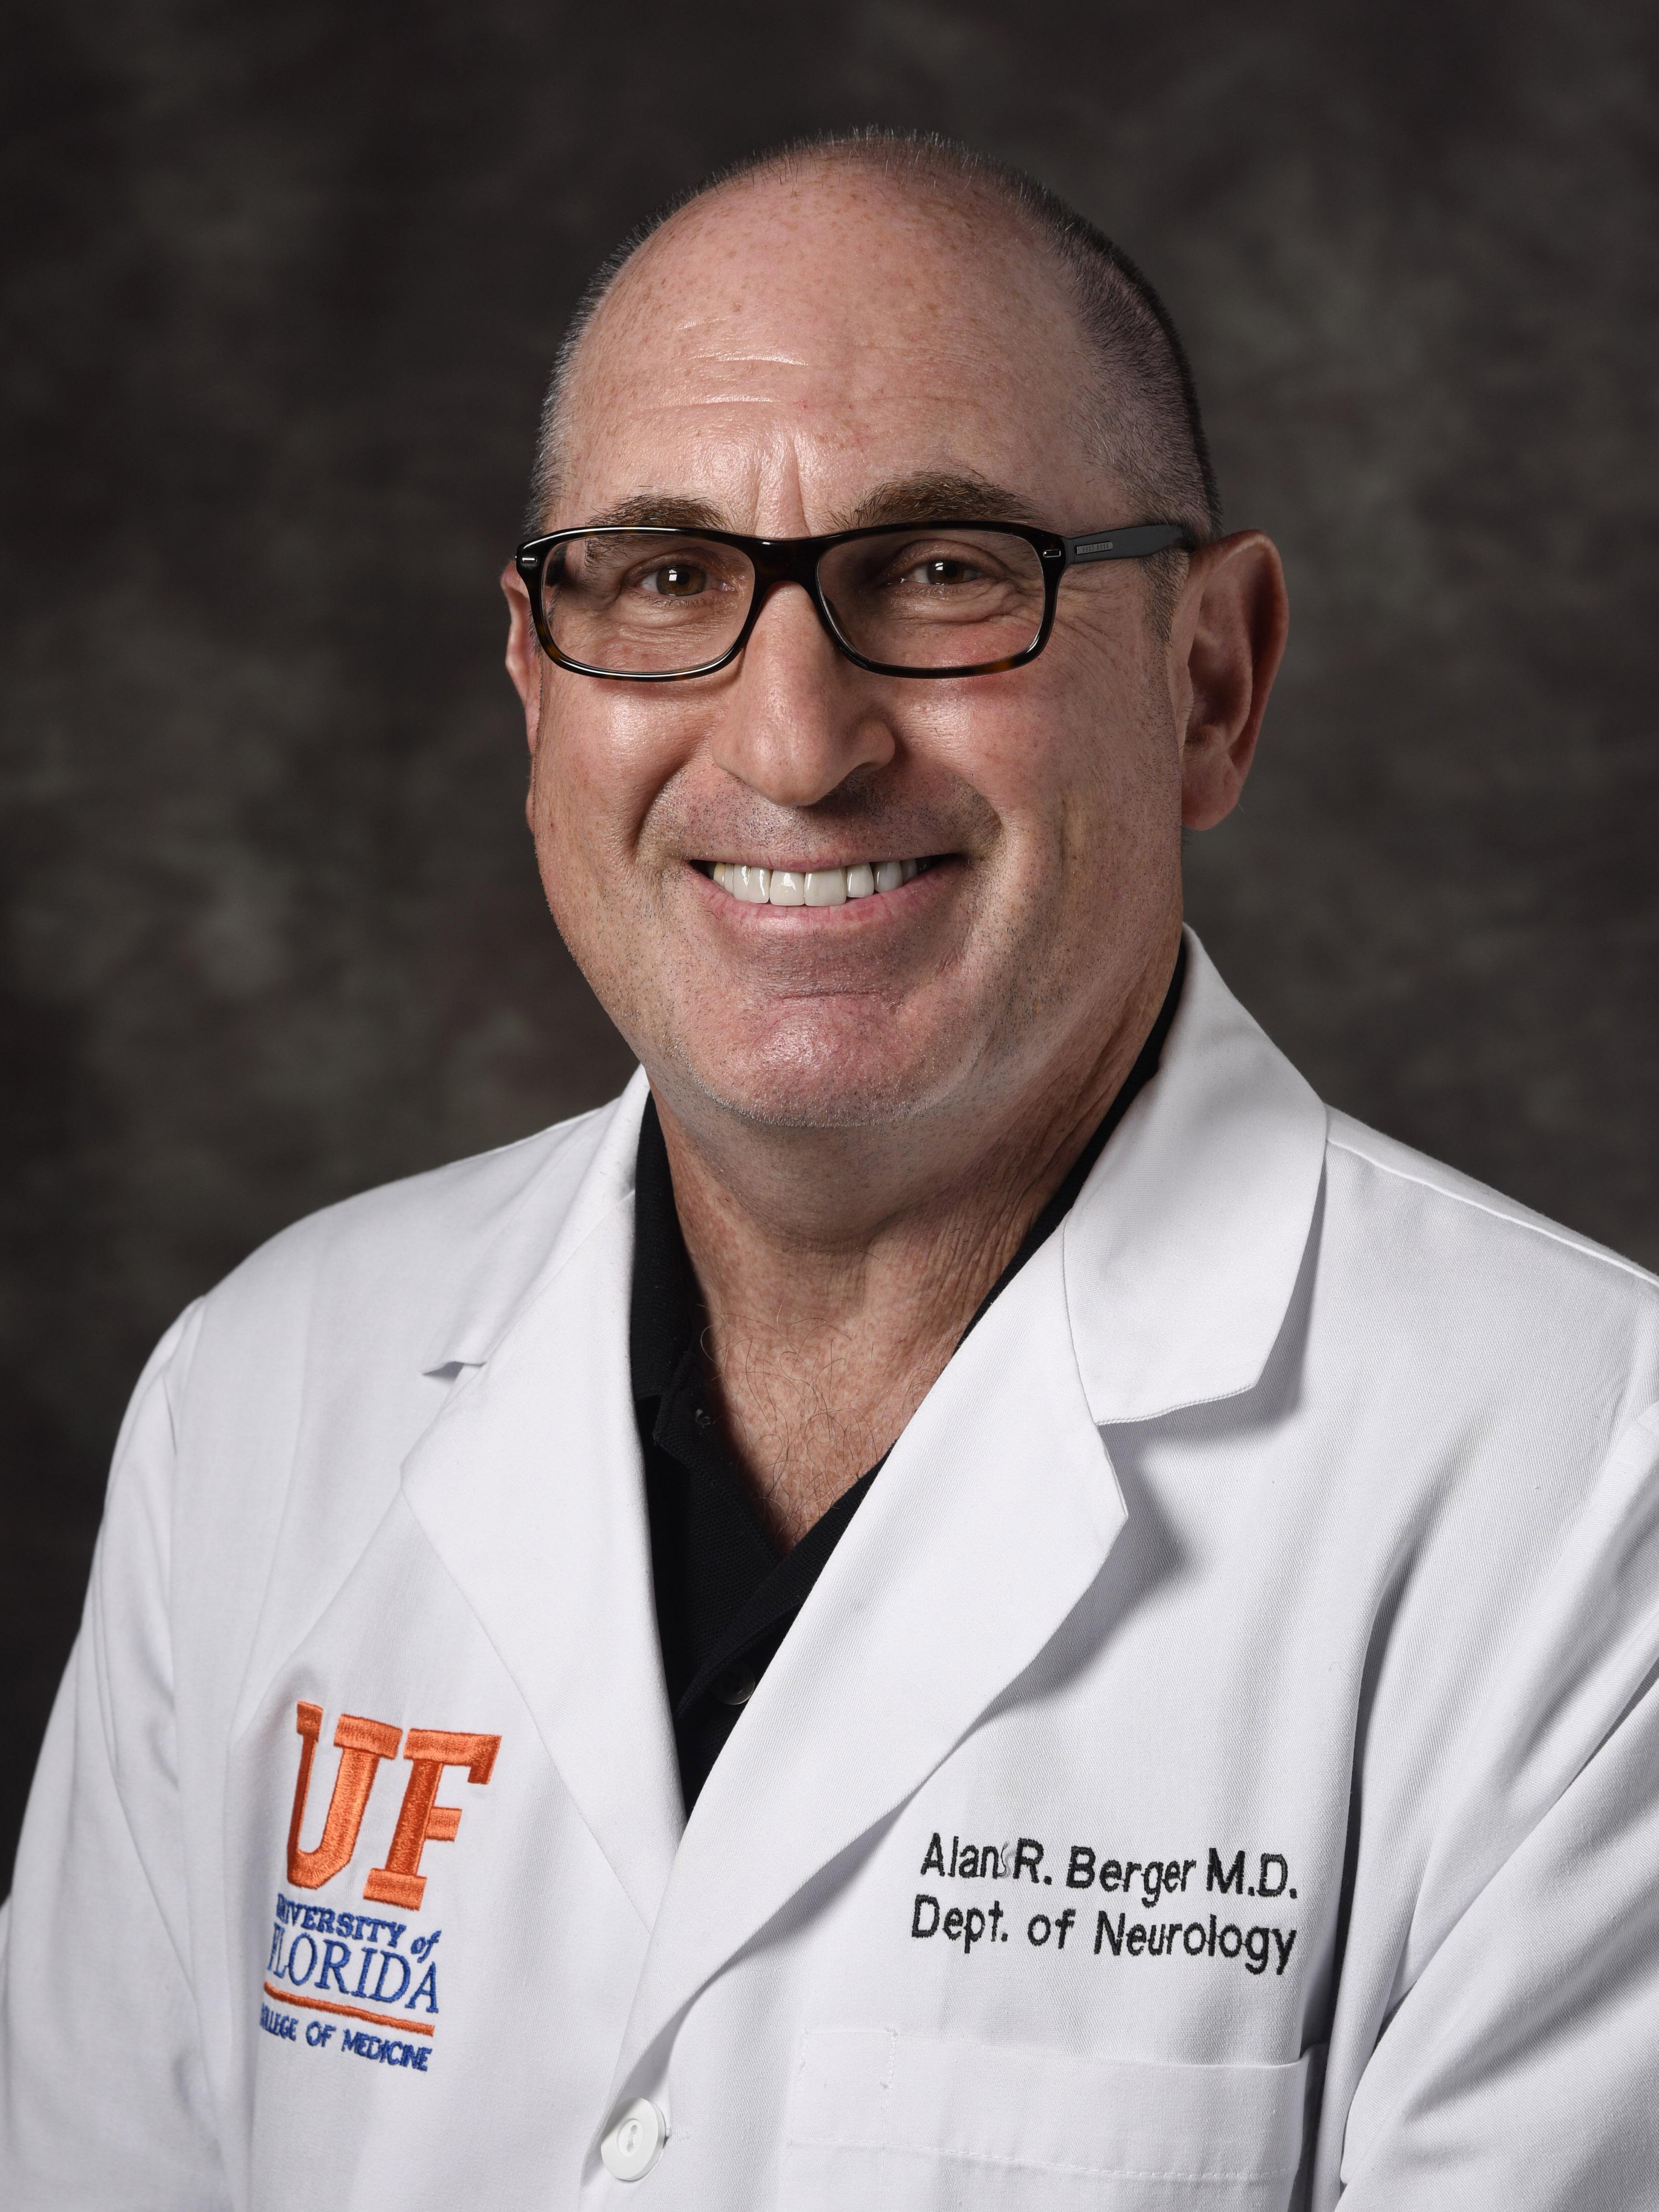 Photo of Alan R. Berger, M.D.